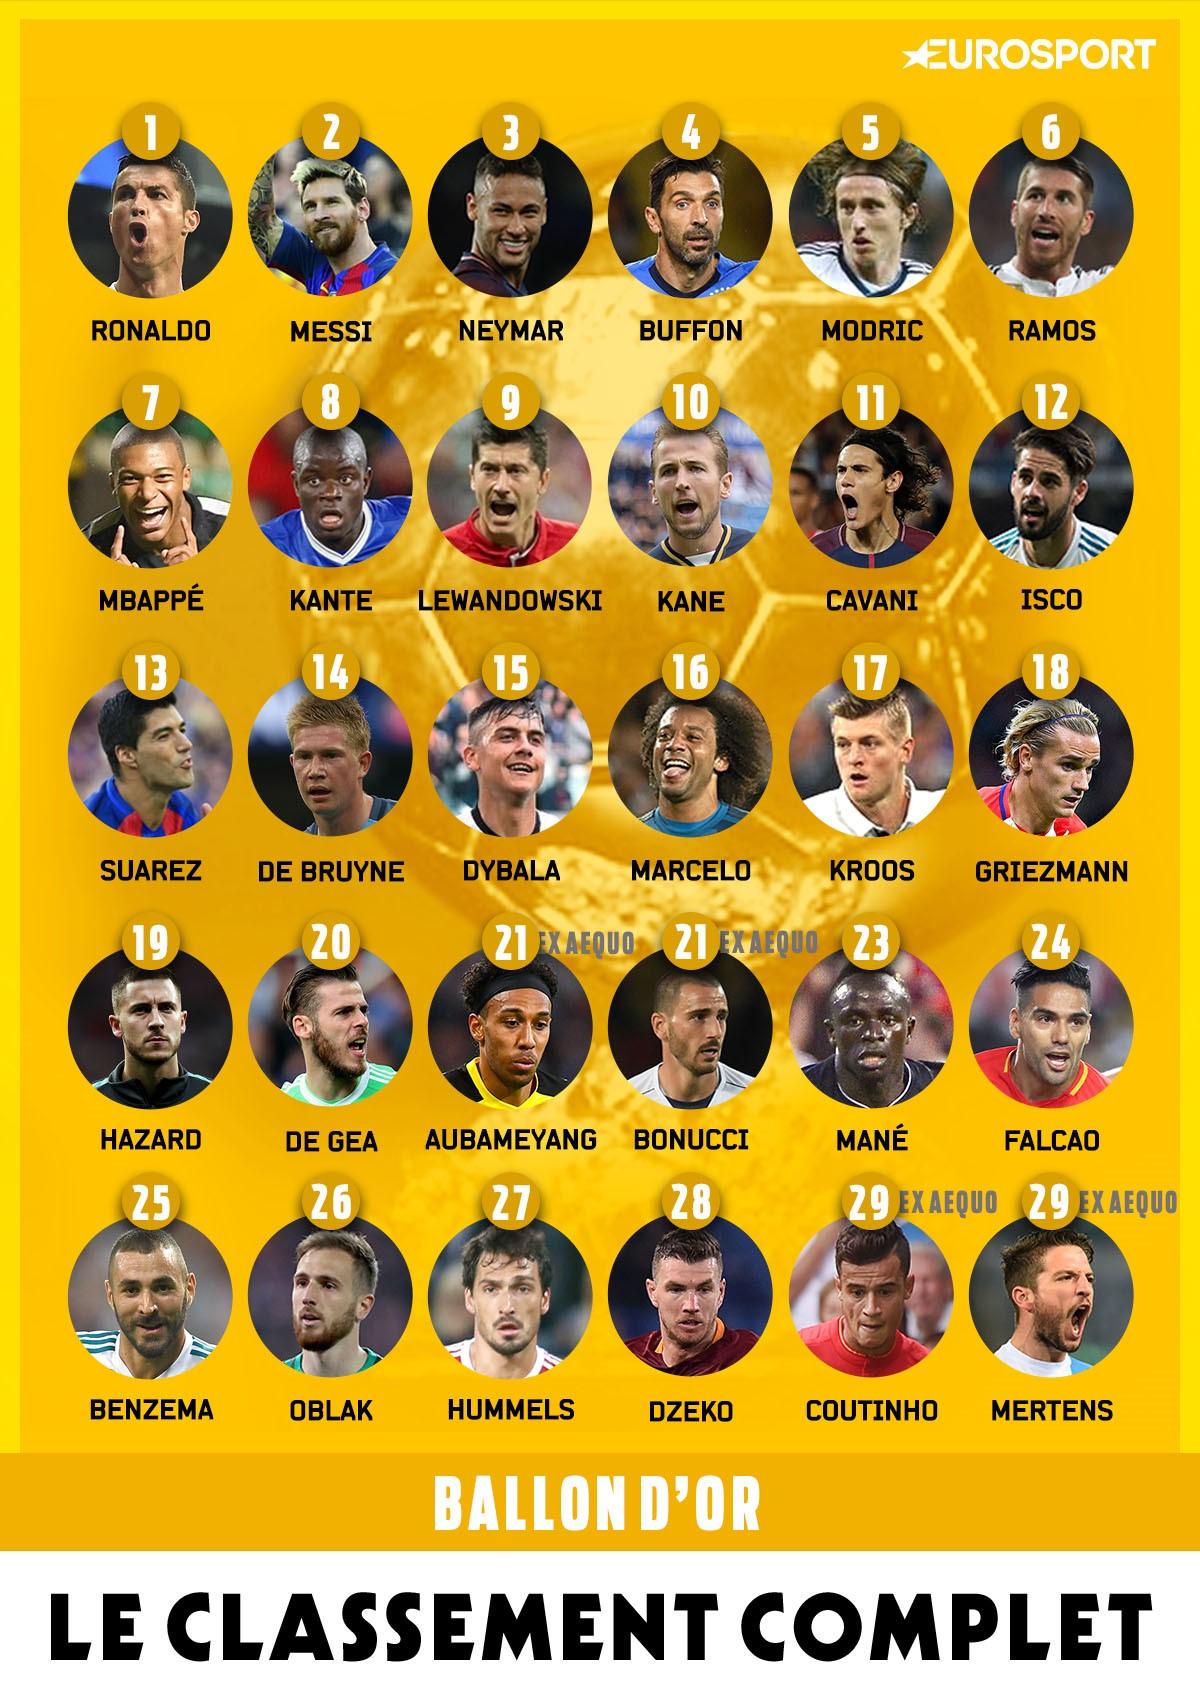 Le classement complet du Ballon d'Or 2017